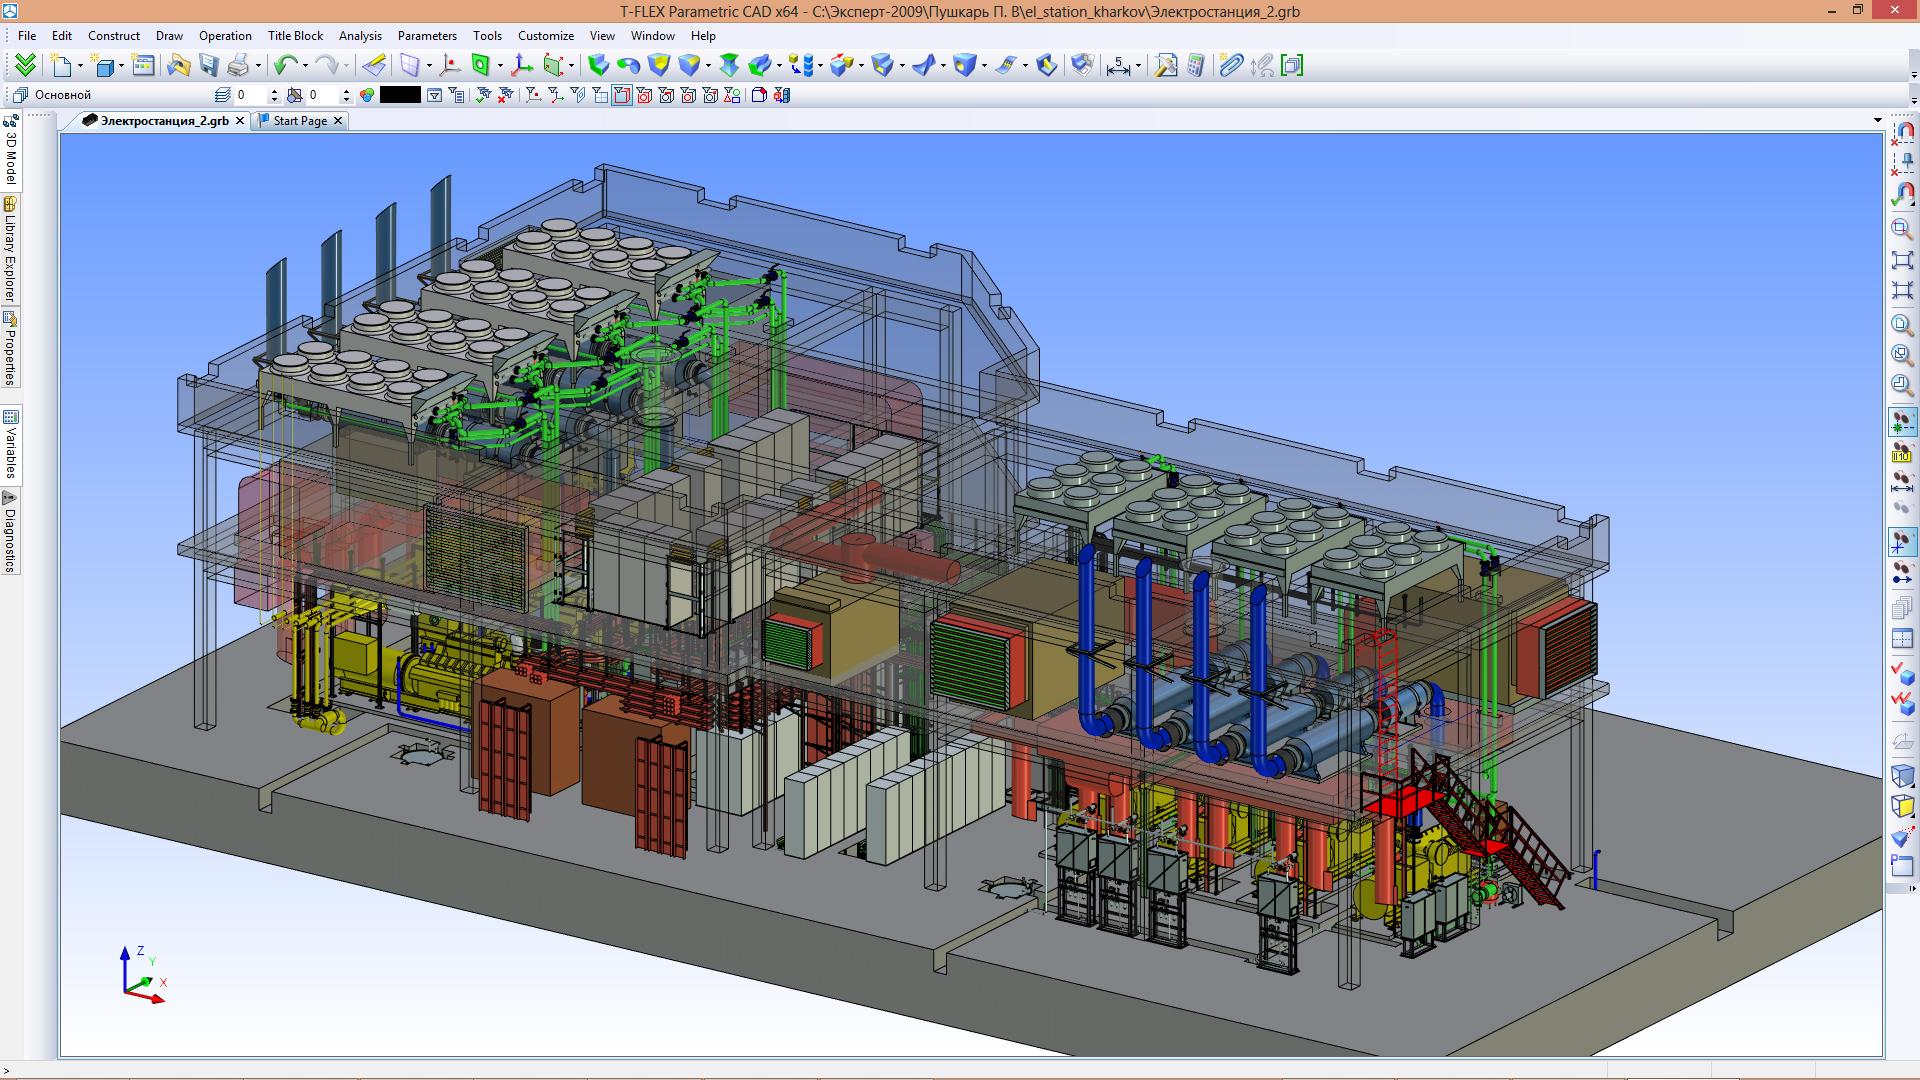 layout of diesel engine power plant: gas-diesel autonomous power plant